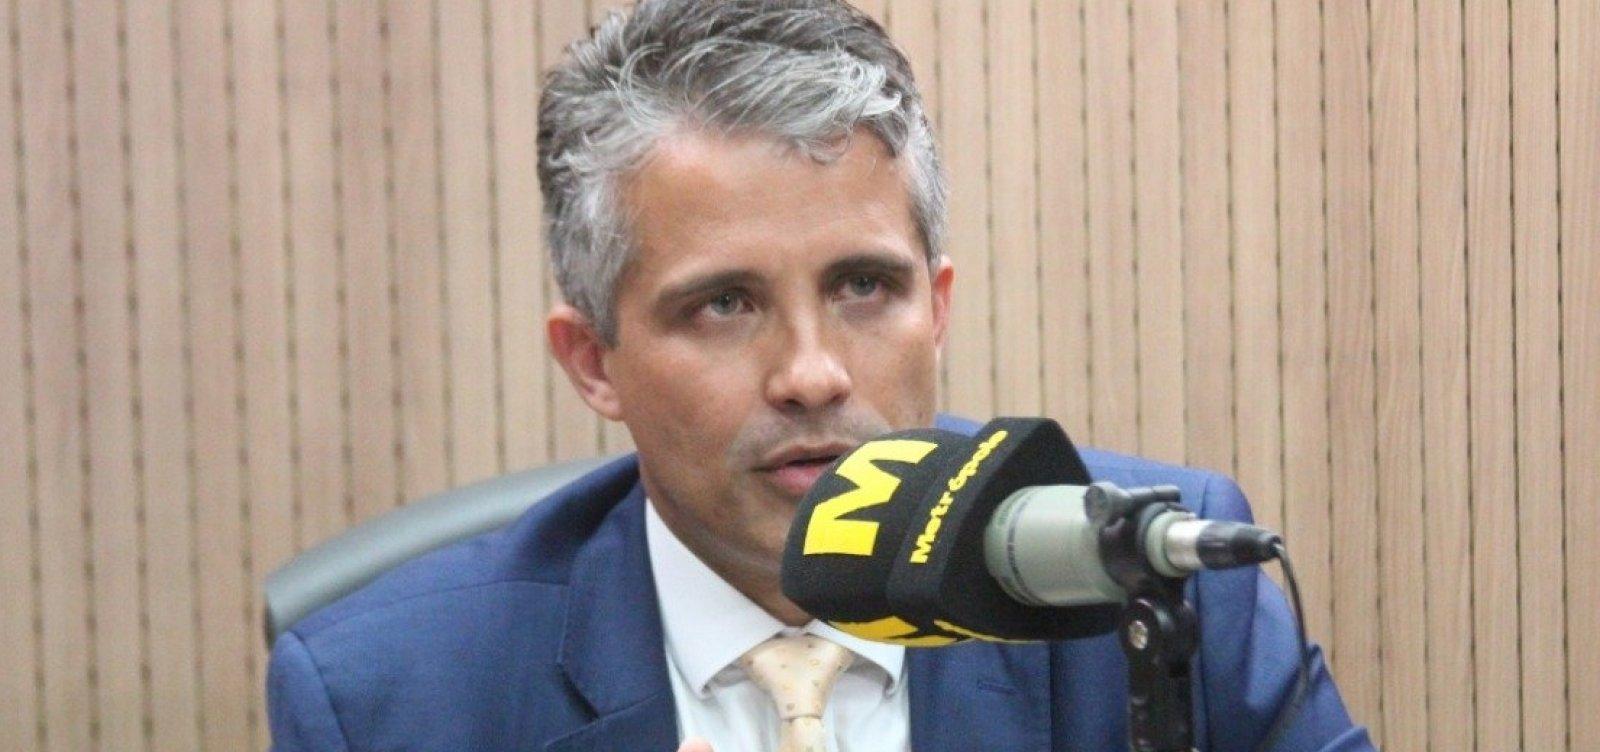 [Luiz Viana será candidato a vice da OAB nacional; Castro aposta em presidência]